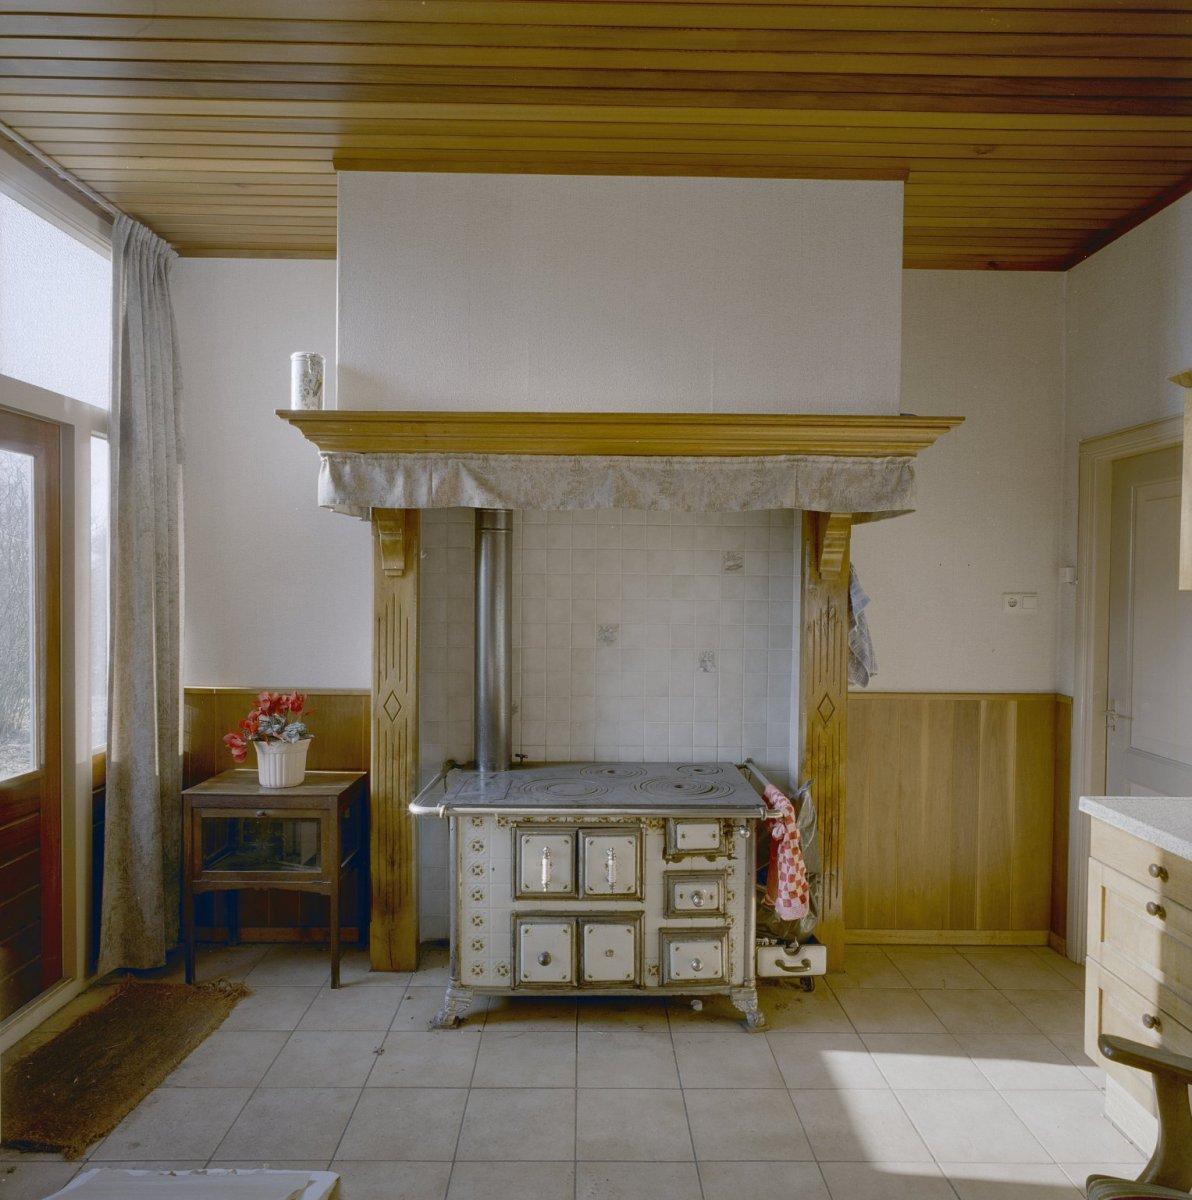 File:Interieur voorhuis, \